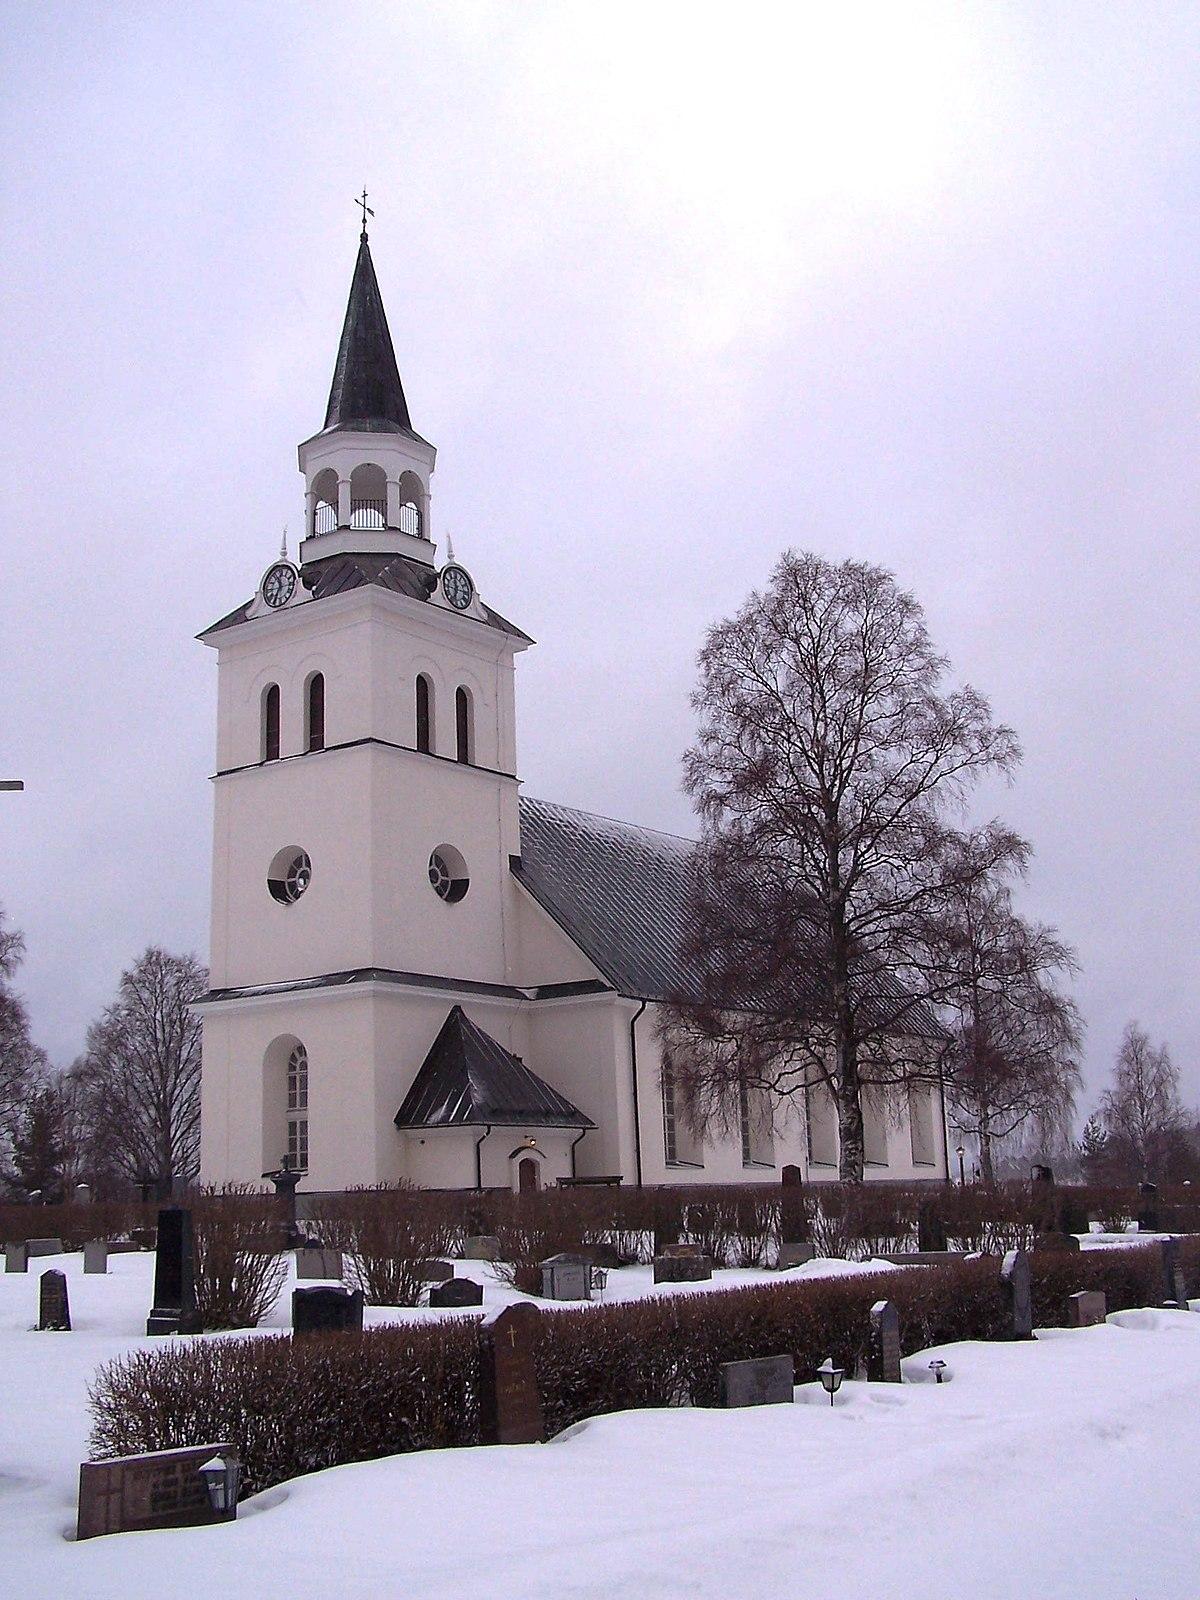 Stöde - Wikipedia